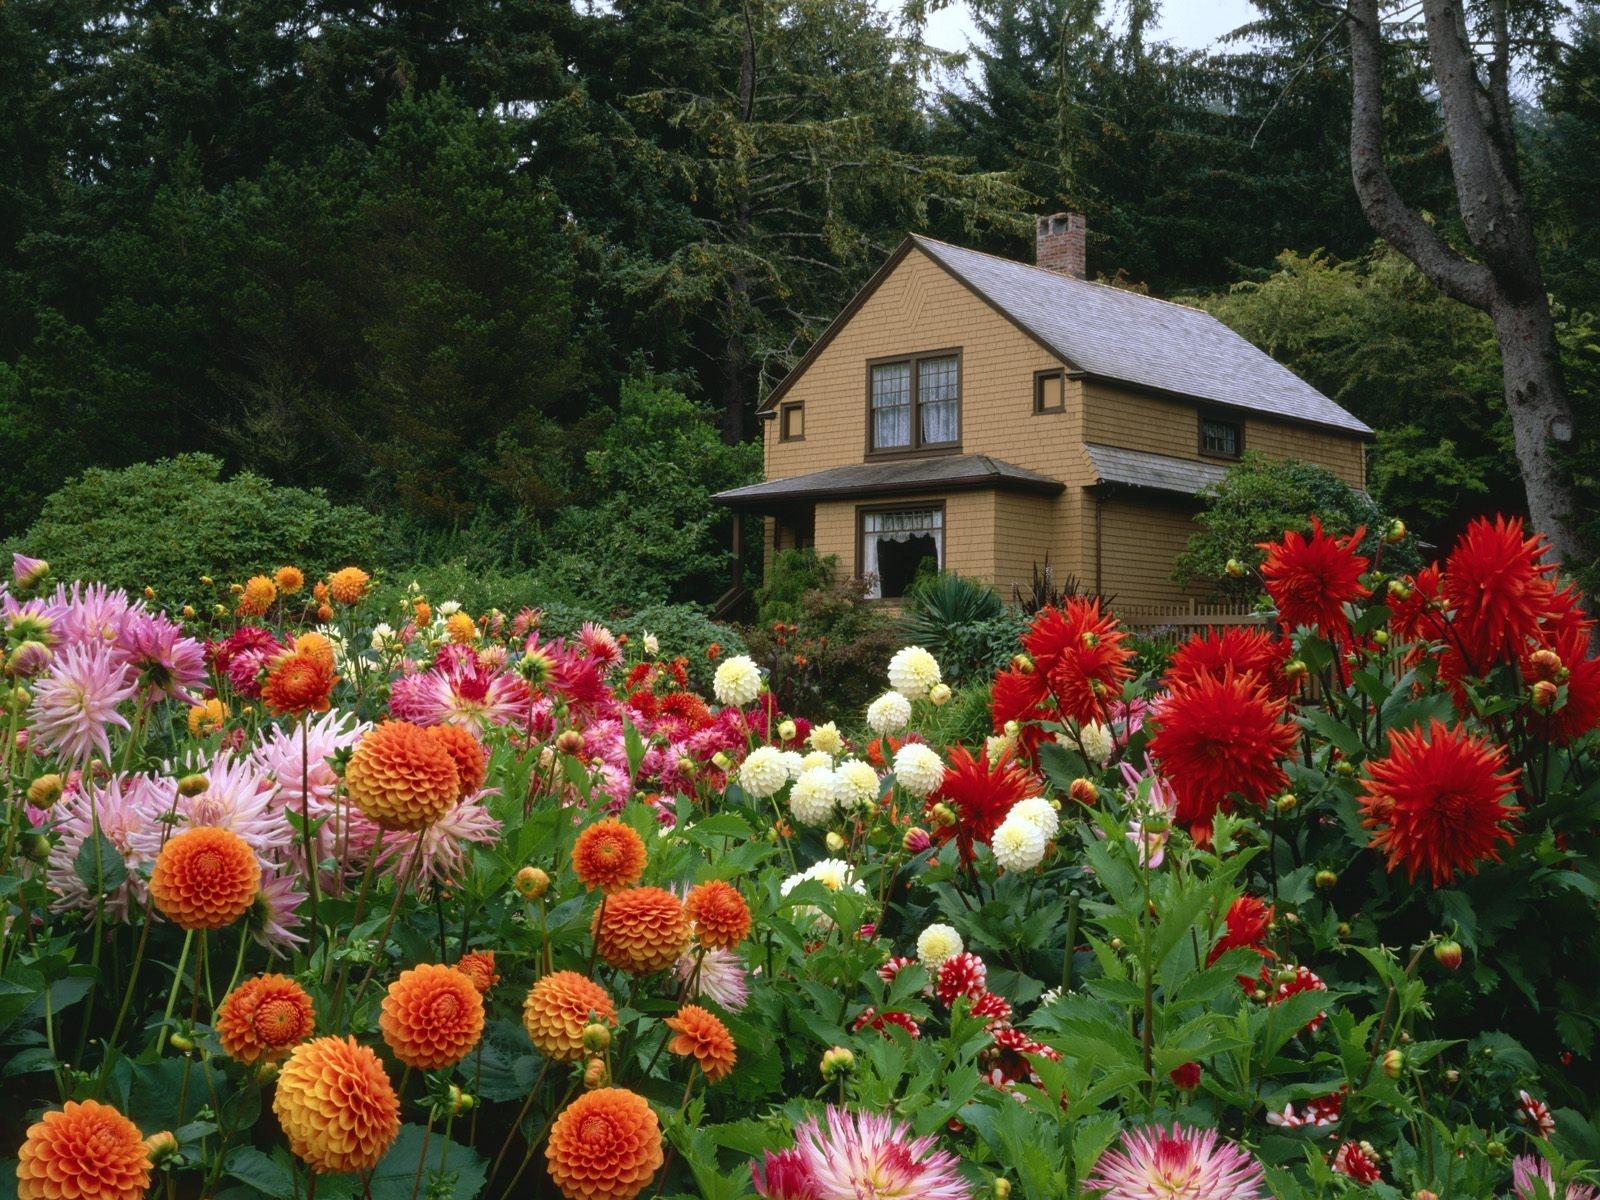 красивый сад с цветами фото что при